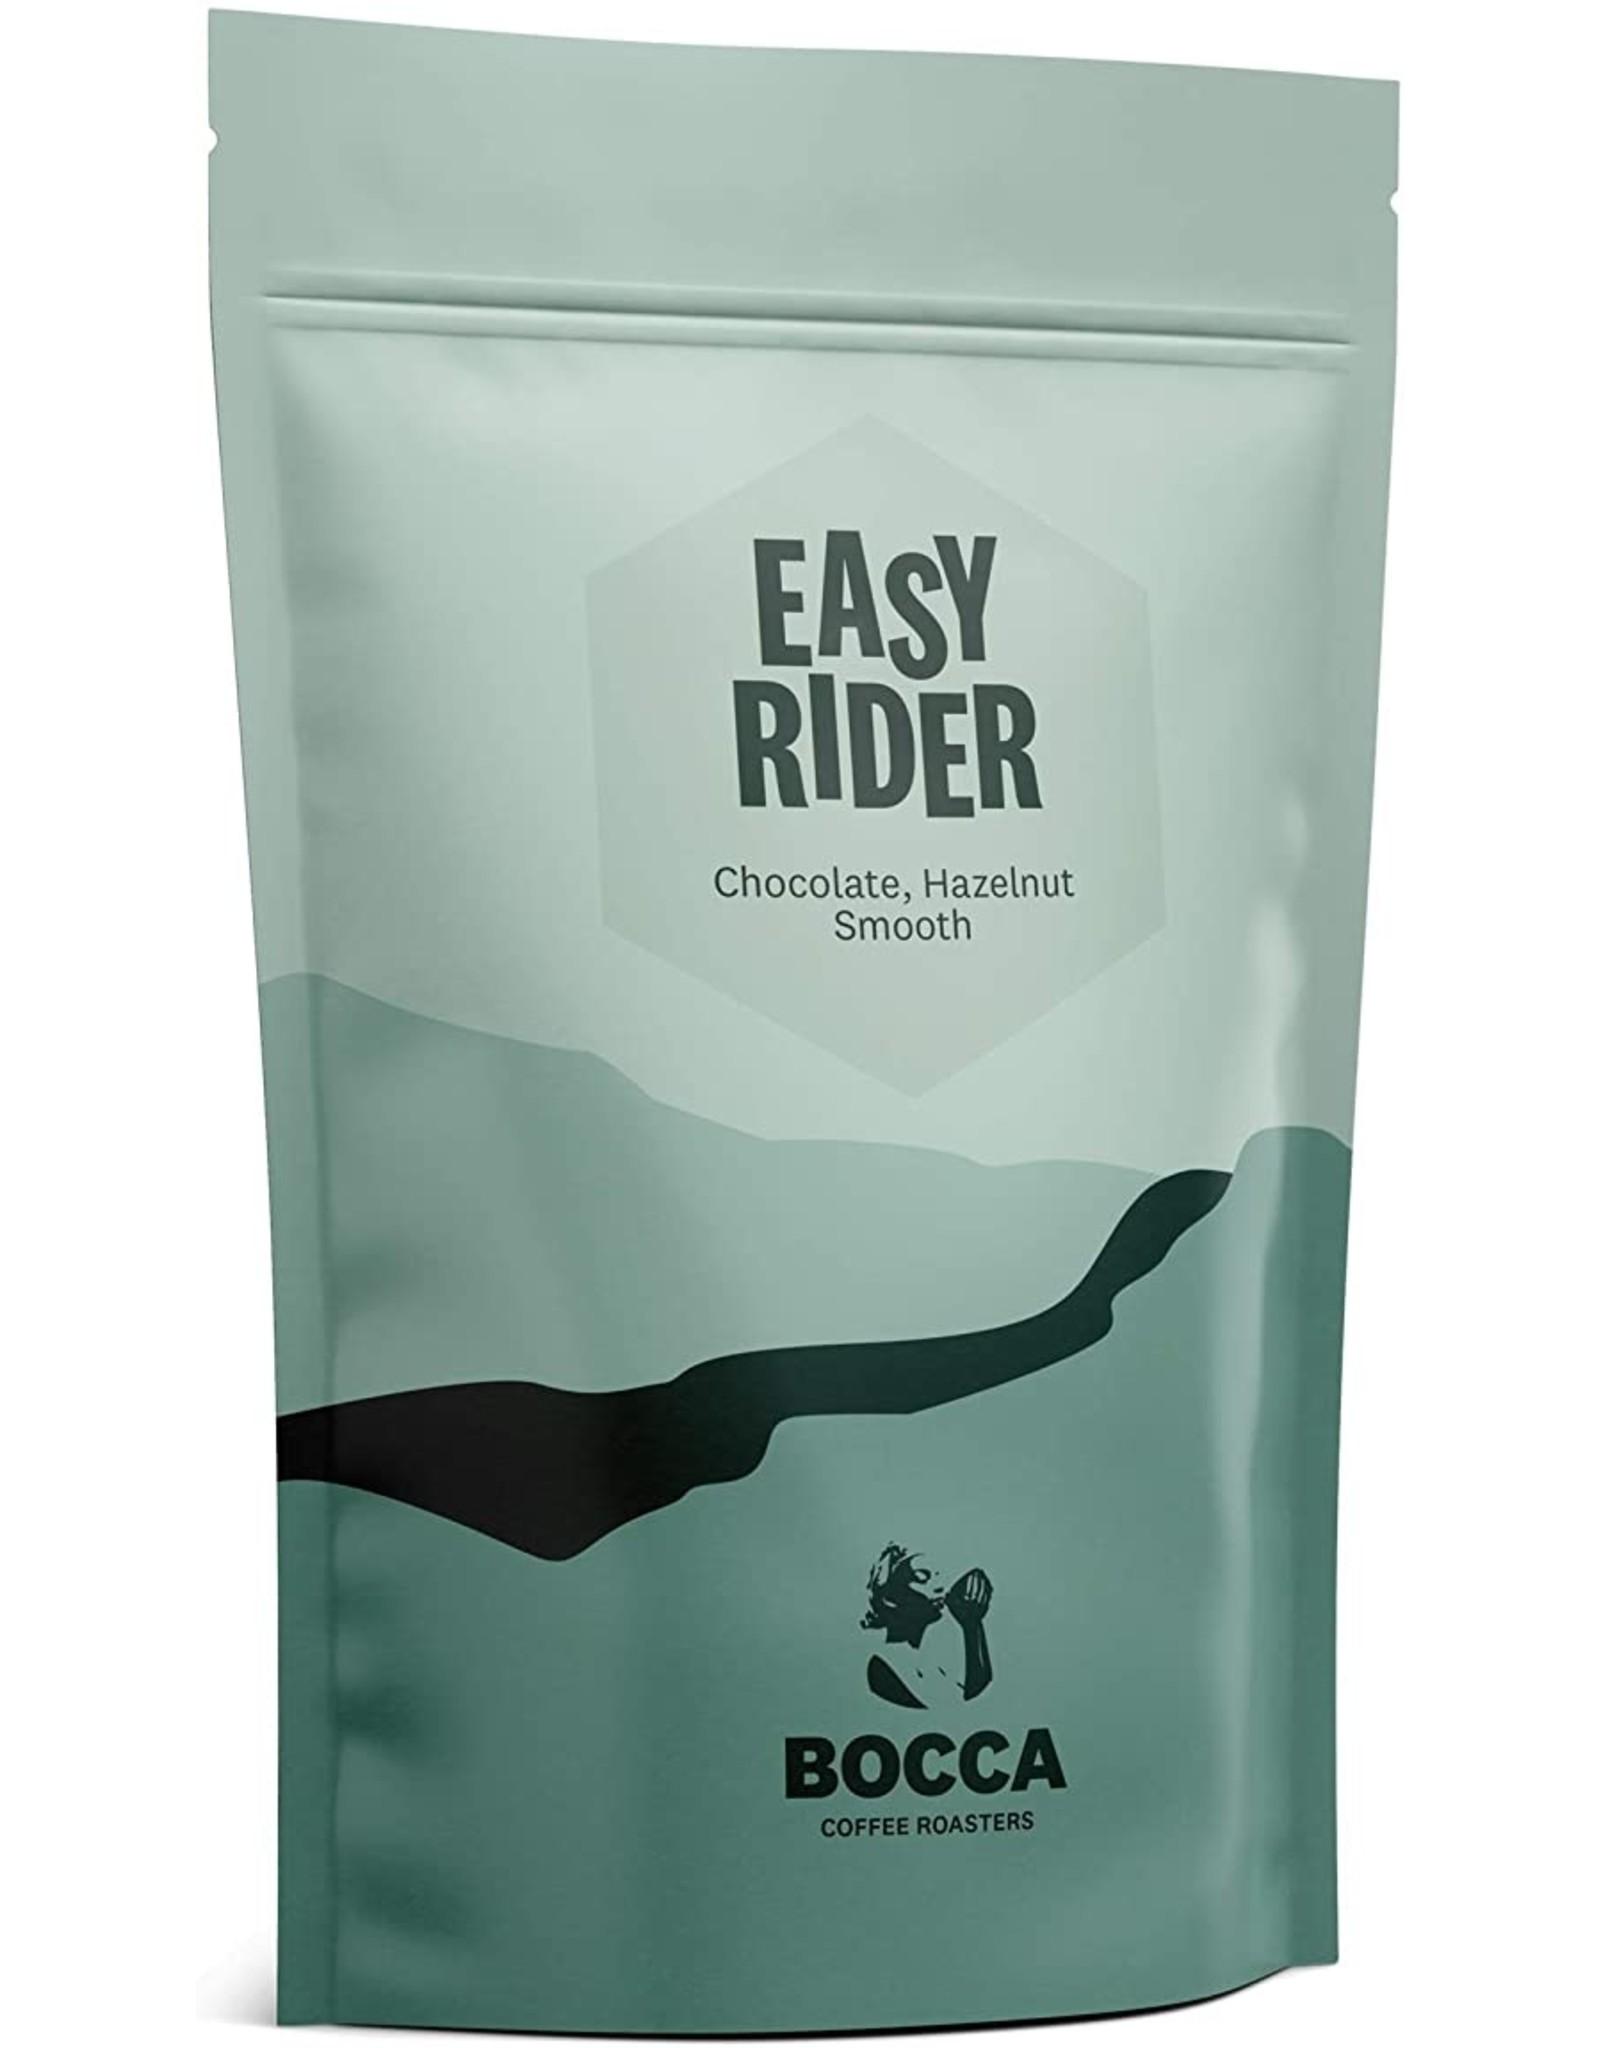 Bocca koffie. 250 g. Easy rider.